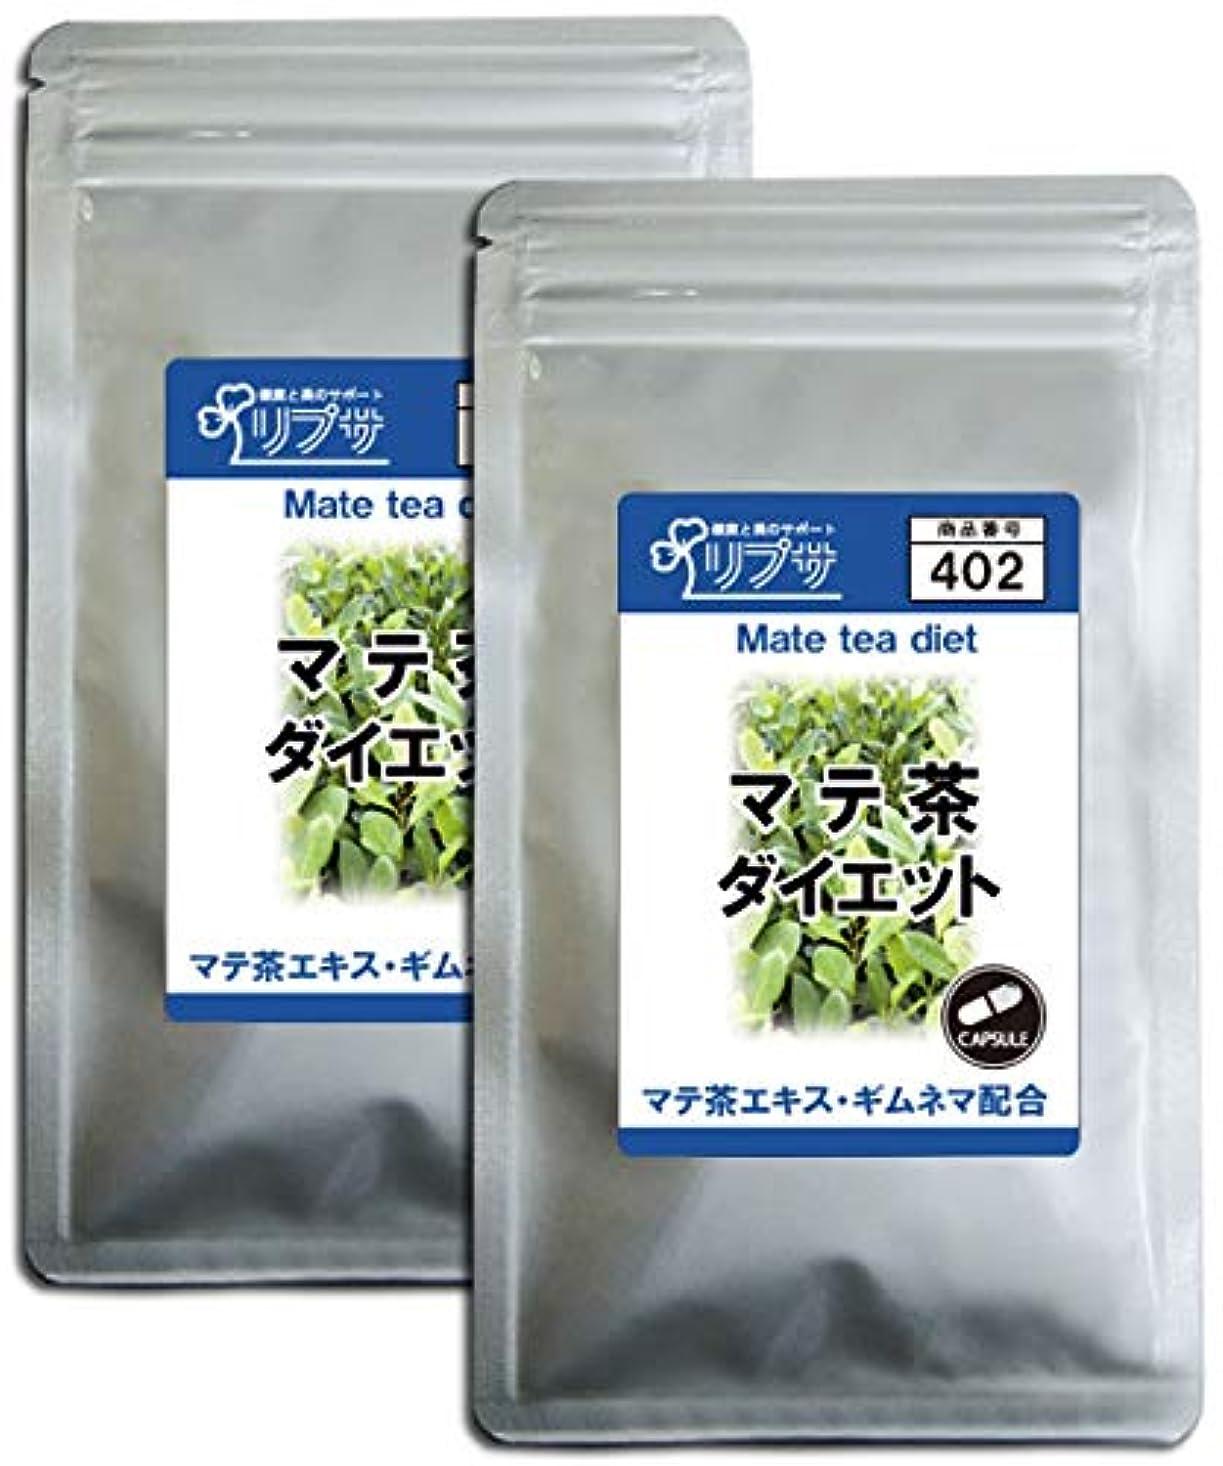 相談するあいまいさ霜マテ茶ダイエット 約3か月分×2袋 C-402-2